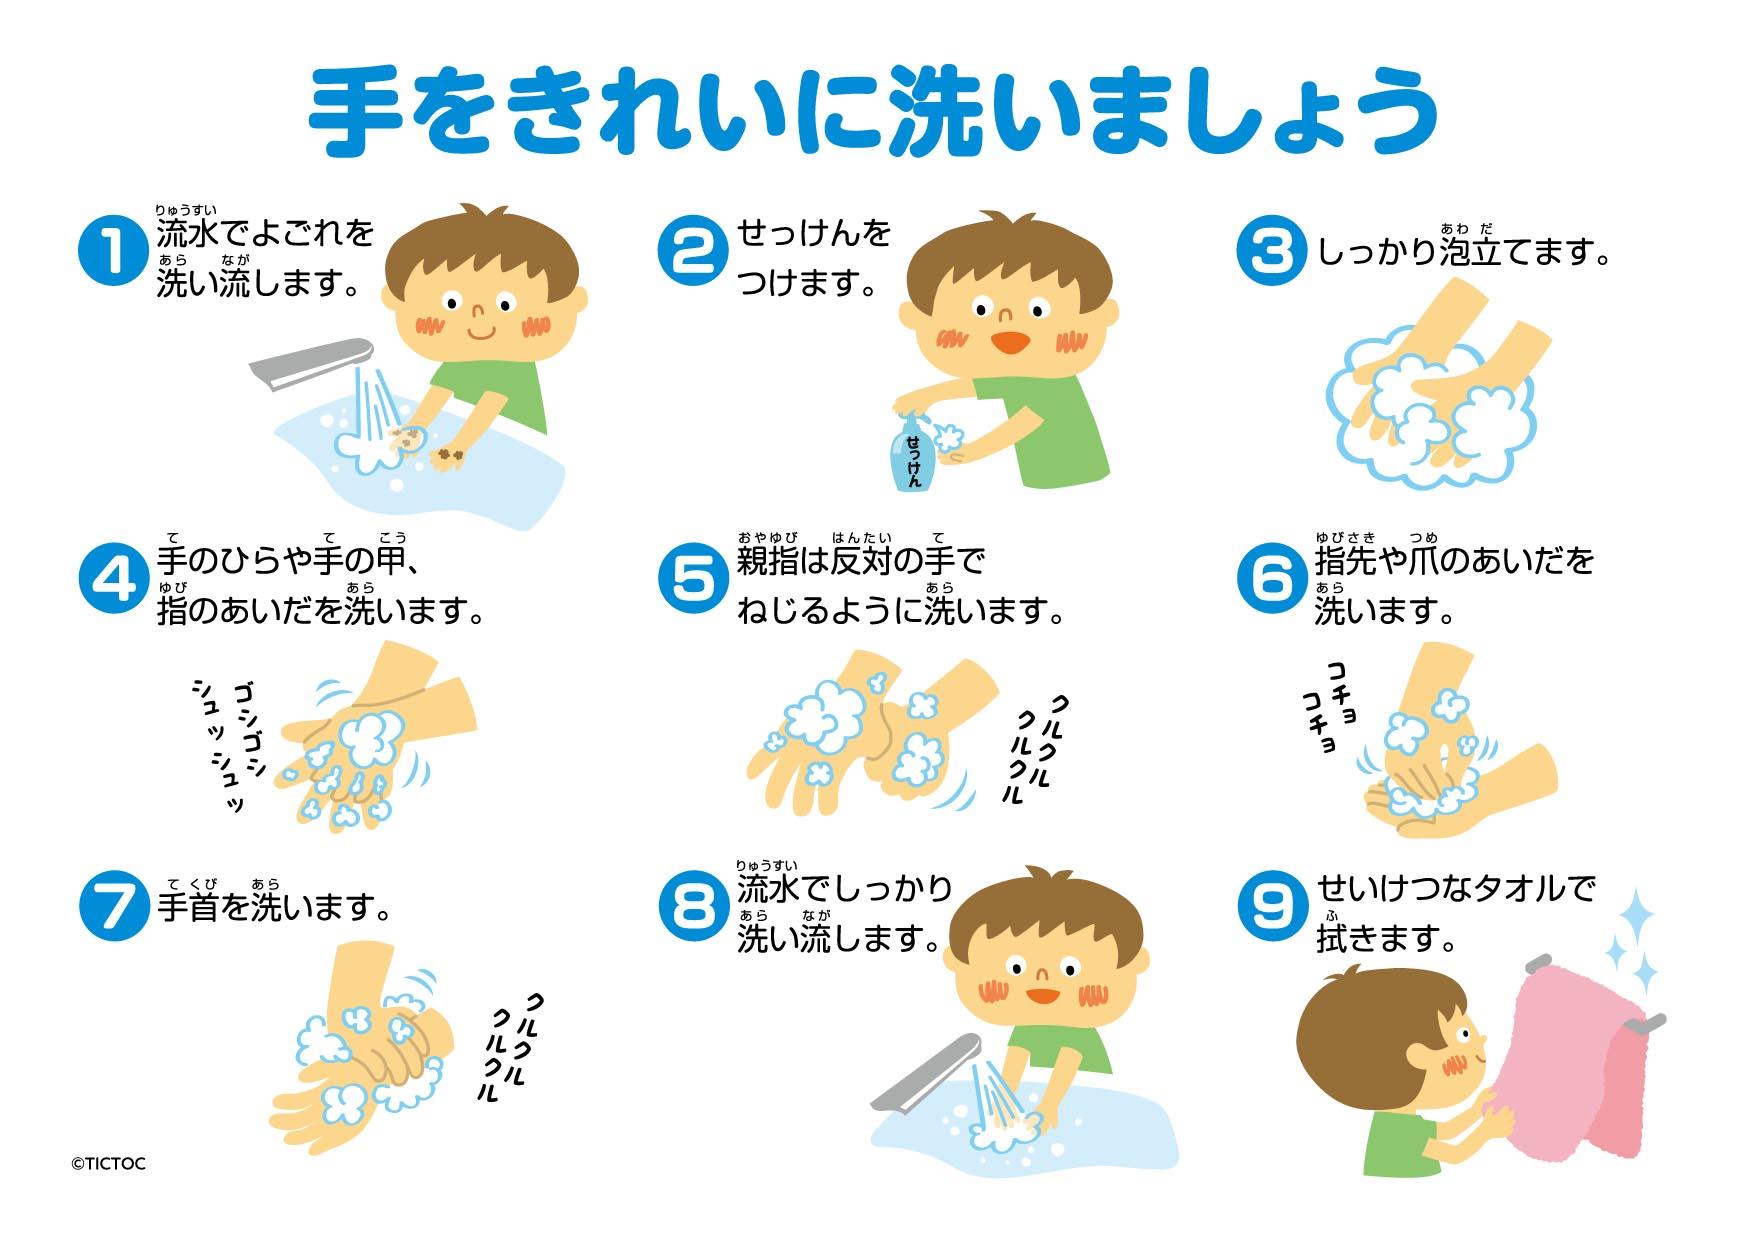 DL素材/手をきれいに洗いましょう